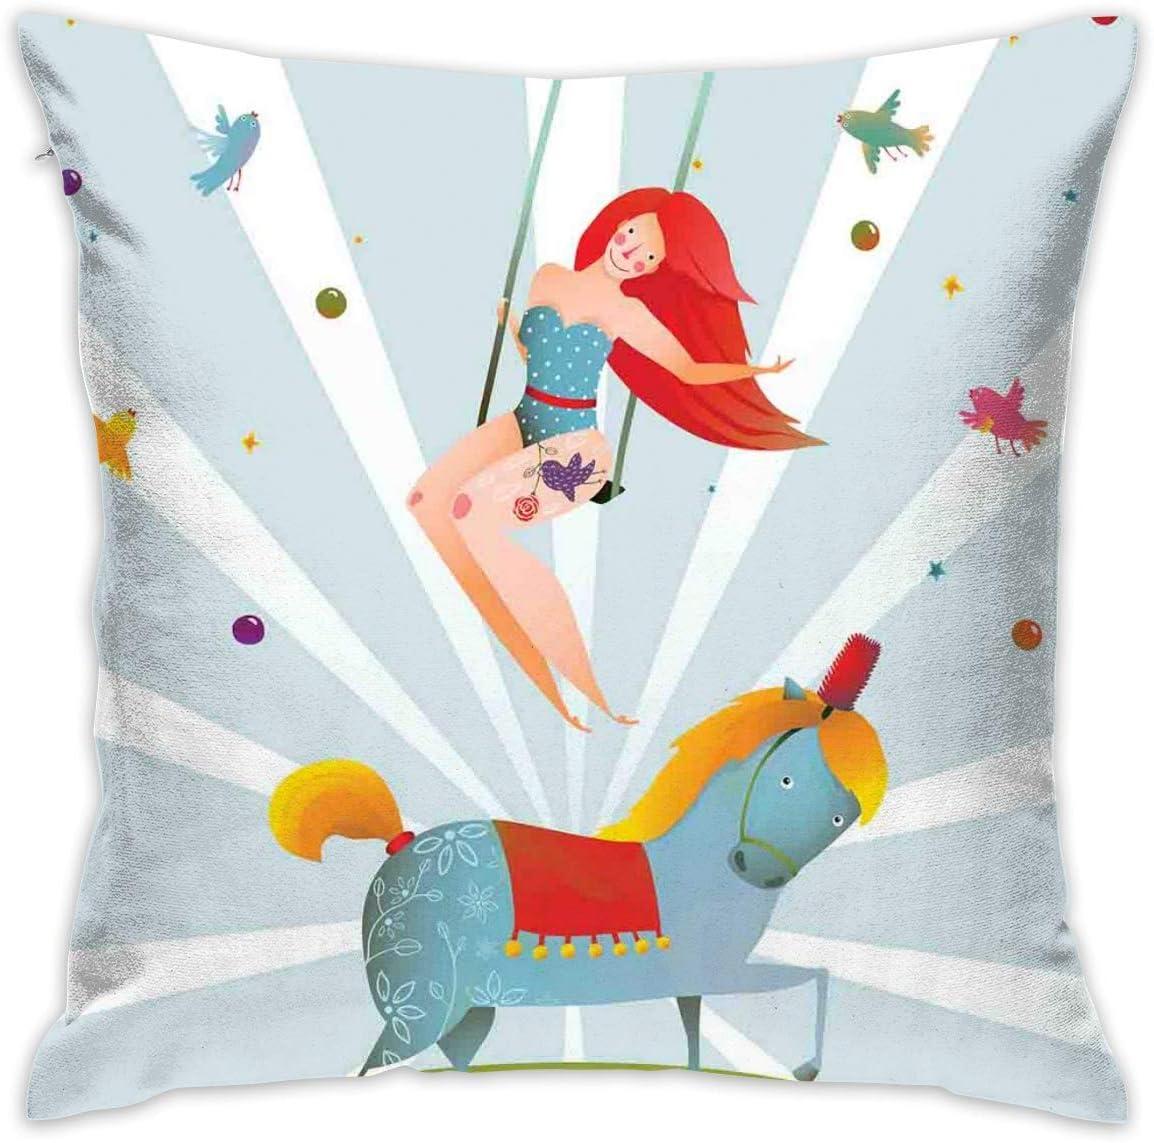 Fanqig Home Decor Throw Pillow Cojín, Circo, Carnaval, espectáculo, niña, con, Poni, Caballo, actuación, pájaros, acrobático, Caricatura, Decorativo, Cuadrado, Almohada, Funda, 18 x 18 Pulgadas